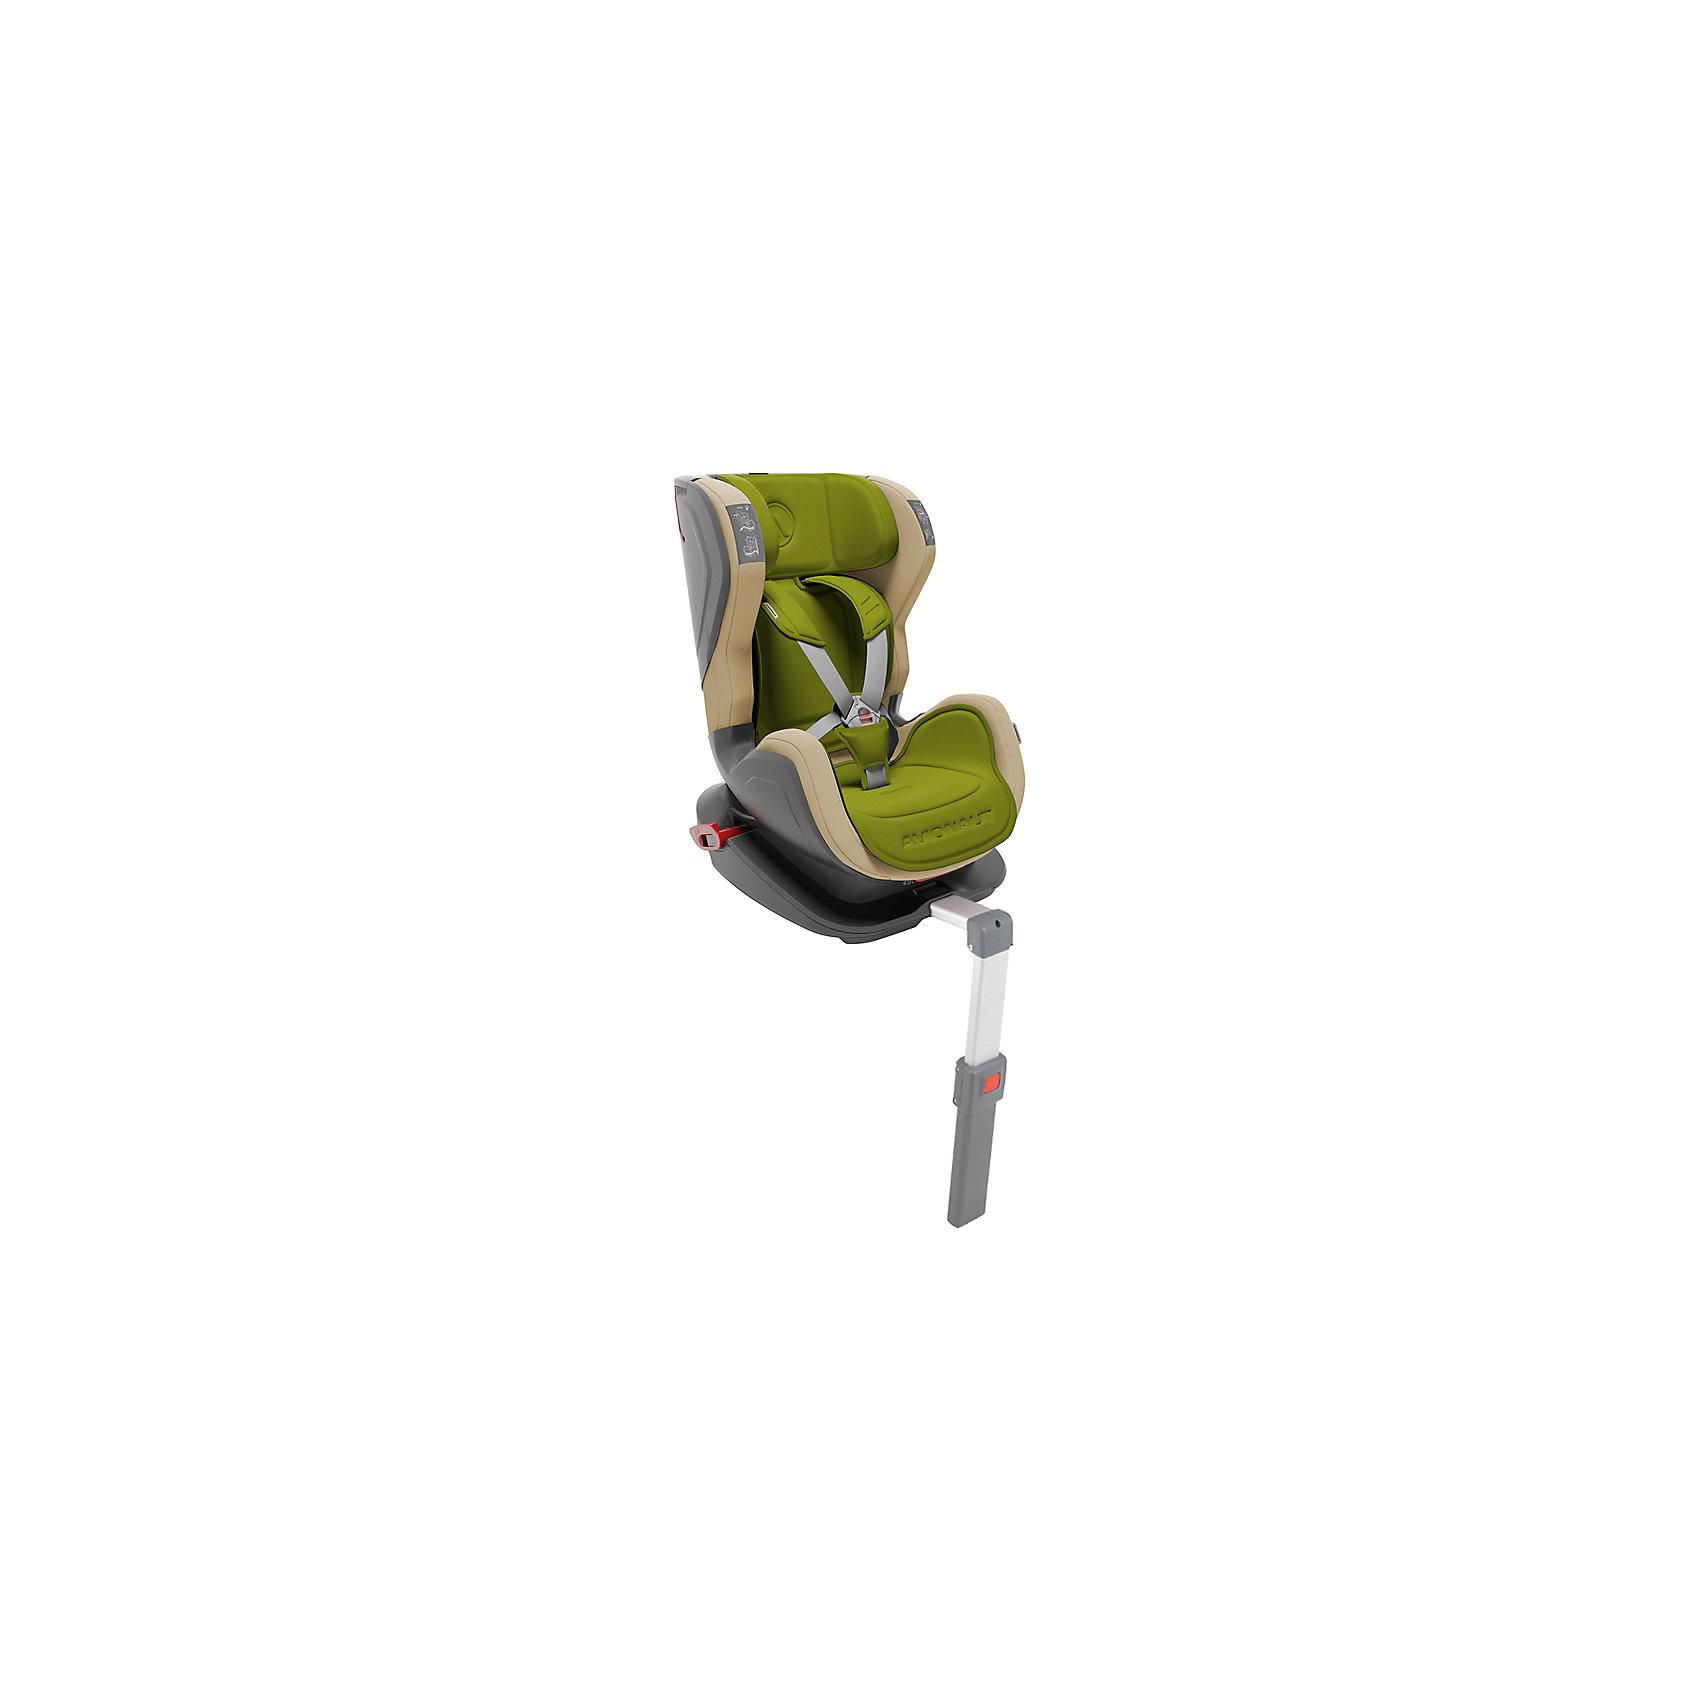 Автокресло GLIDER isofix 9-25 кг, Avionaut, оливковый/бежевыйАвтокресло выделяется ярким дизайном, а так же высоким уровнем комфорта и безопасности, что самое важное для малыша! Удобный регулируемый подголовник выполнен из пенопропилена -  это экологически безопасный материал, оказывающий амортизирующее и энергогасящее действие. Наклон легко регулируется с помощью специального красного рычага. Боковые крылья и высокие подлокотники обеспечивают надежную защиту тела и головы малыша от ударов сбоку. Чехол детского автокресла с легкостью можно снять для стирки, так же, при желании цветную вставку можно снять и заменить на другую.<br><br>Характеристики:<br>- Группа: 1-2 ( от 9 до 25кг).<br>- 5-ти точечная система ремней безопасности.<br>- Усиленные боковины для большей безопасности.<br>- Регулируемый угол наклона сиденья.<br>- Аварийные натяжители ремней безопасности для лучшей стабилизации сиденья в автомобиле.<br>- Съемные чехлы на сиденье.<br>- Регулируемая высота подголовника.<br>- Легко крепится в салоне автомобиля.<br>- Съемные вкладыши - позволяют изменить цвет автокресла.<br>- Вид крепления: система IZOFIX.<br>- Способ установки: на заднем сиденье лицом по ходу движения.<br>- Вид крепления: штатным ремнем автомобиля или Isofix.<br><br>Дополнительная информация:<br><br>- Возраст: от 9 месяцев до 7 лет.<br>- Материал: пластик, текстиль.<br>- Цвет: оливковый/бежевый.<br>- Размер упаковки: 44x66x53 см.<br>- Вес в упаковке: 12.5 кг.<br><br>Купить автокресло GLIDER Avionaut ISOFIX в цвете оливковый/бежевый, можно в нашем магазине.<br><br>Ширина мм: 440<br>Глубина мм: 660<br>Высота мм: 530<br>Вес г: 12500<br>Возраст от месяцев: 12<br>Возраст до месяцев: 84<br>Пол: Унисекс<br>Возраст: Детский<br>SKU: 4828297